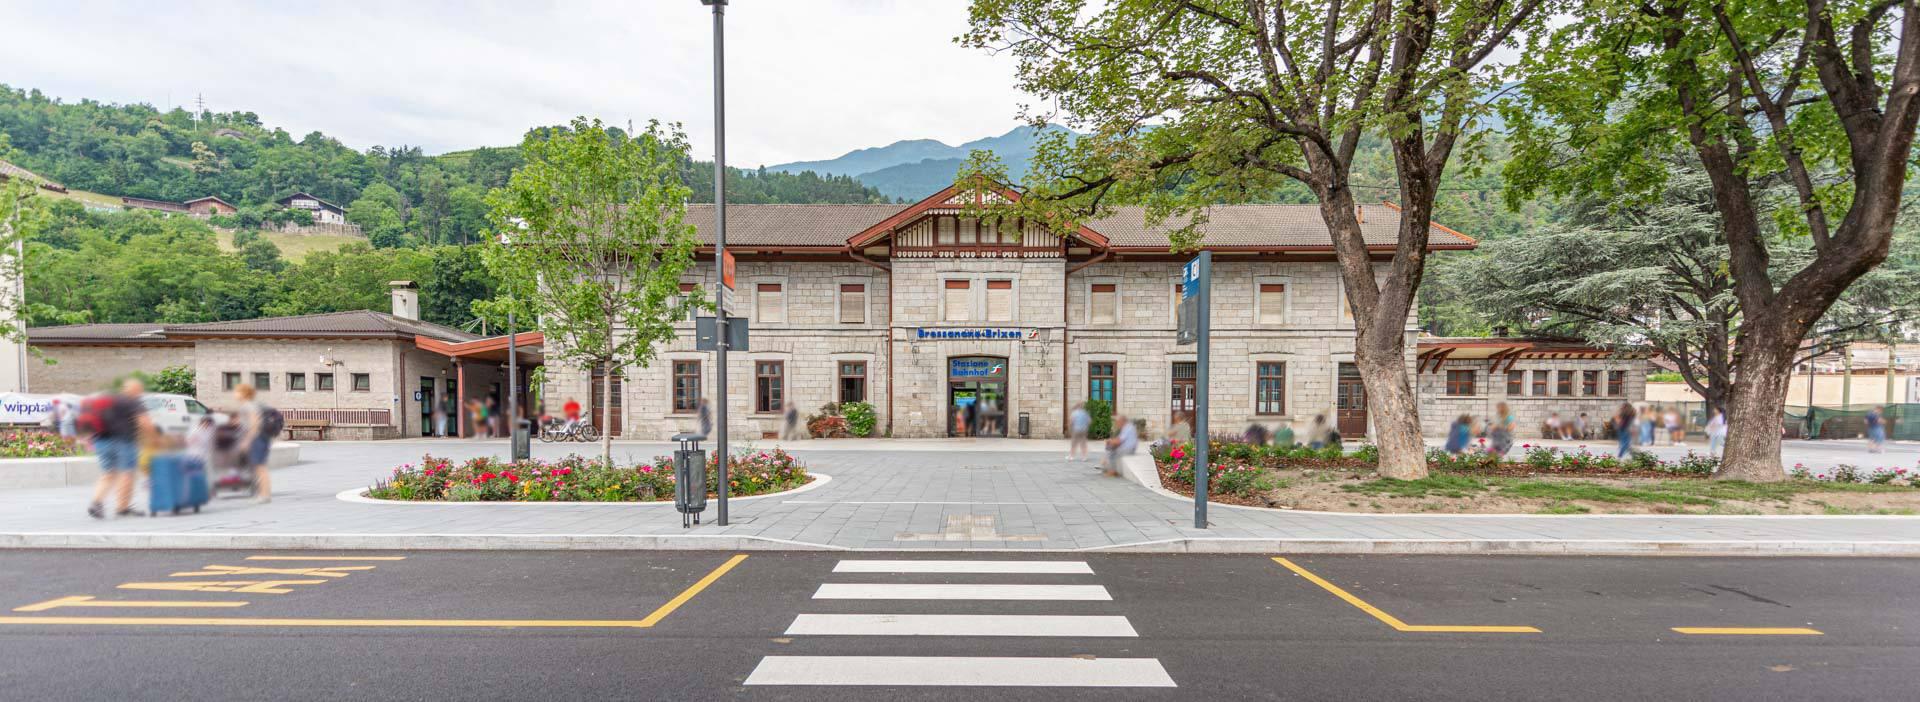 Stazione di Bressanone